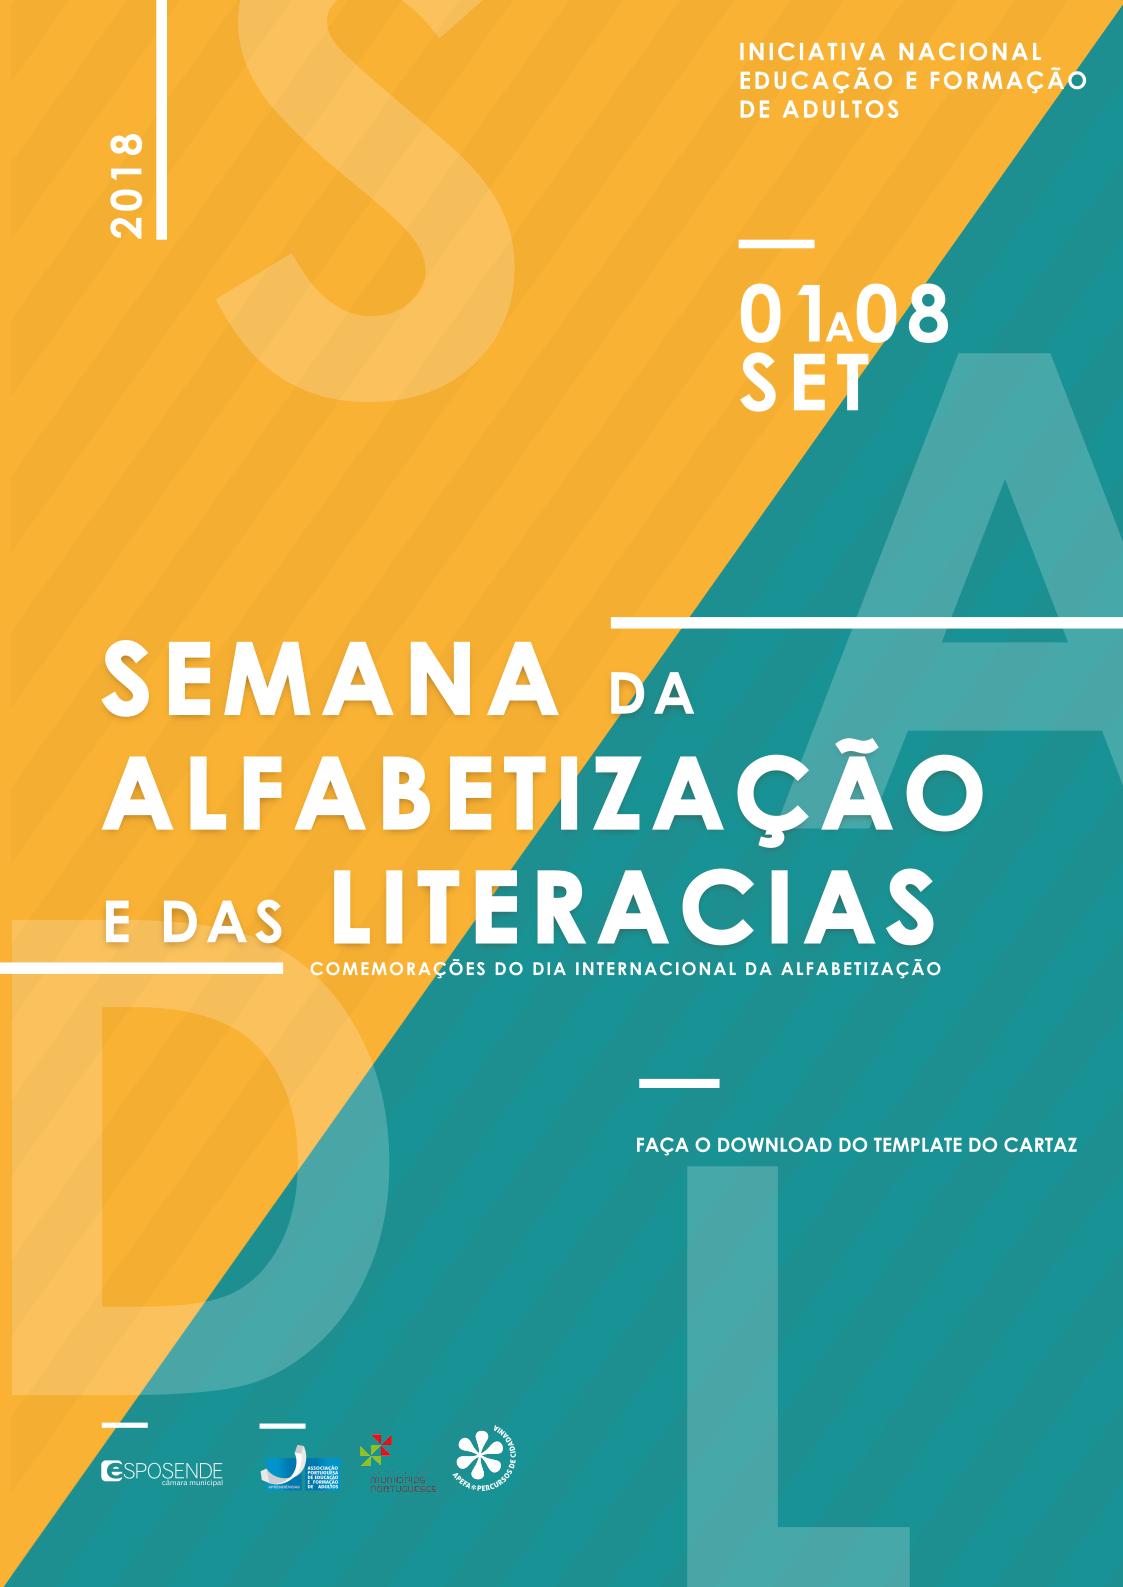 Cartaz_Alfabetização